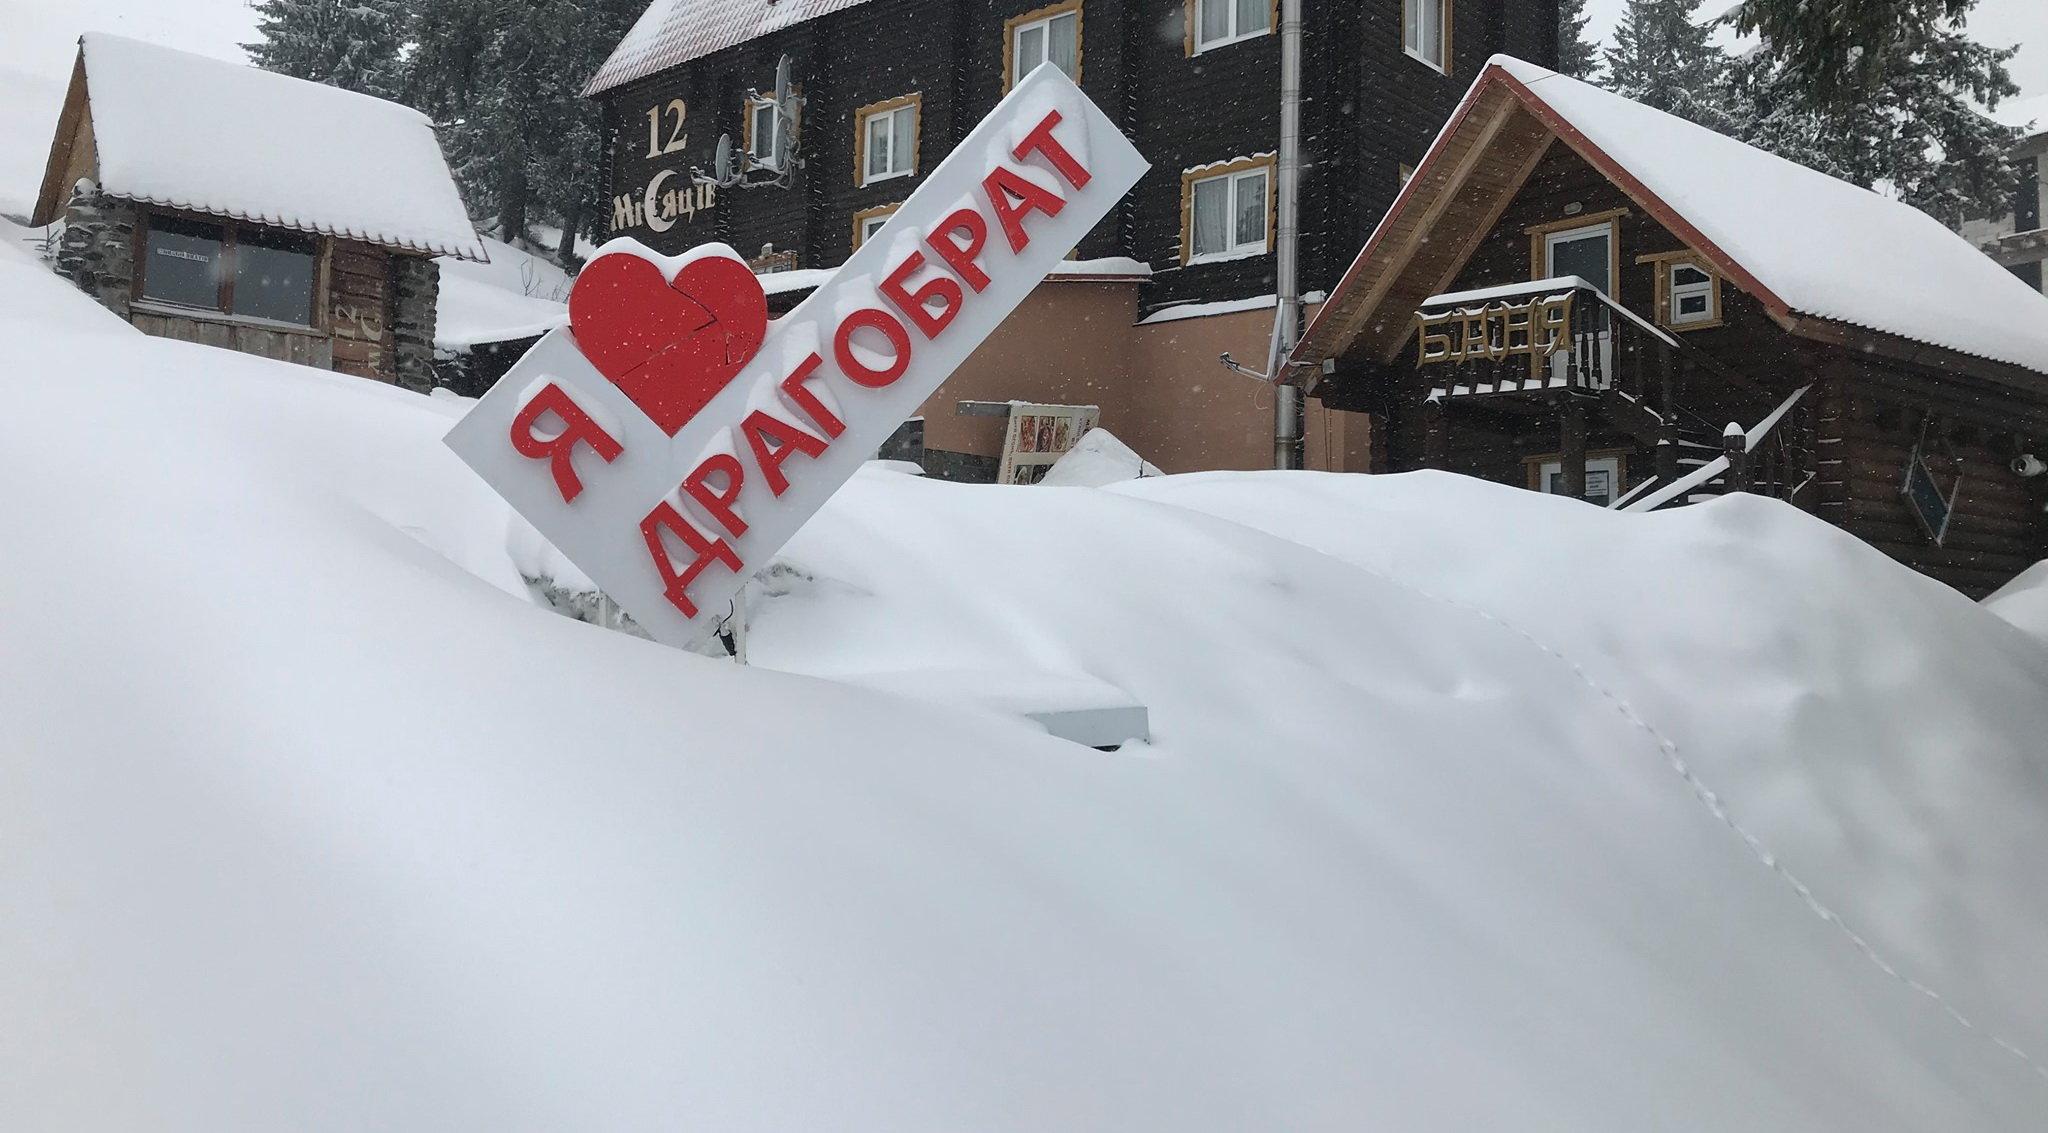 Ukrajna: havazott a kárpátaljai síterepeken